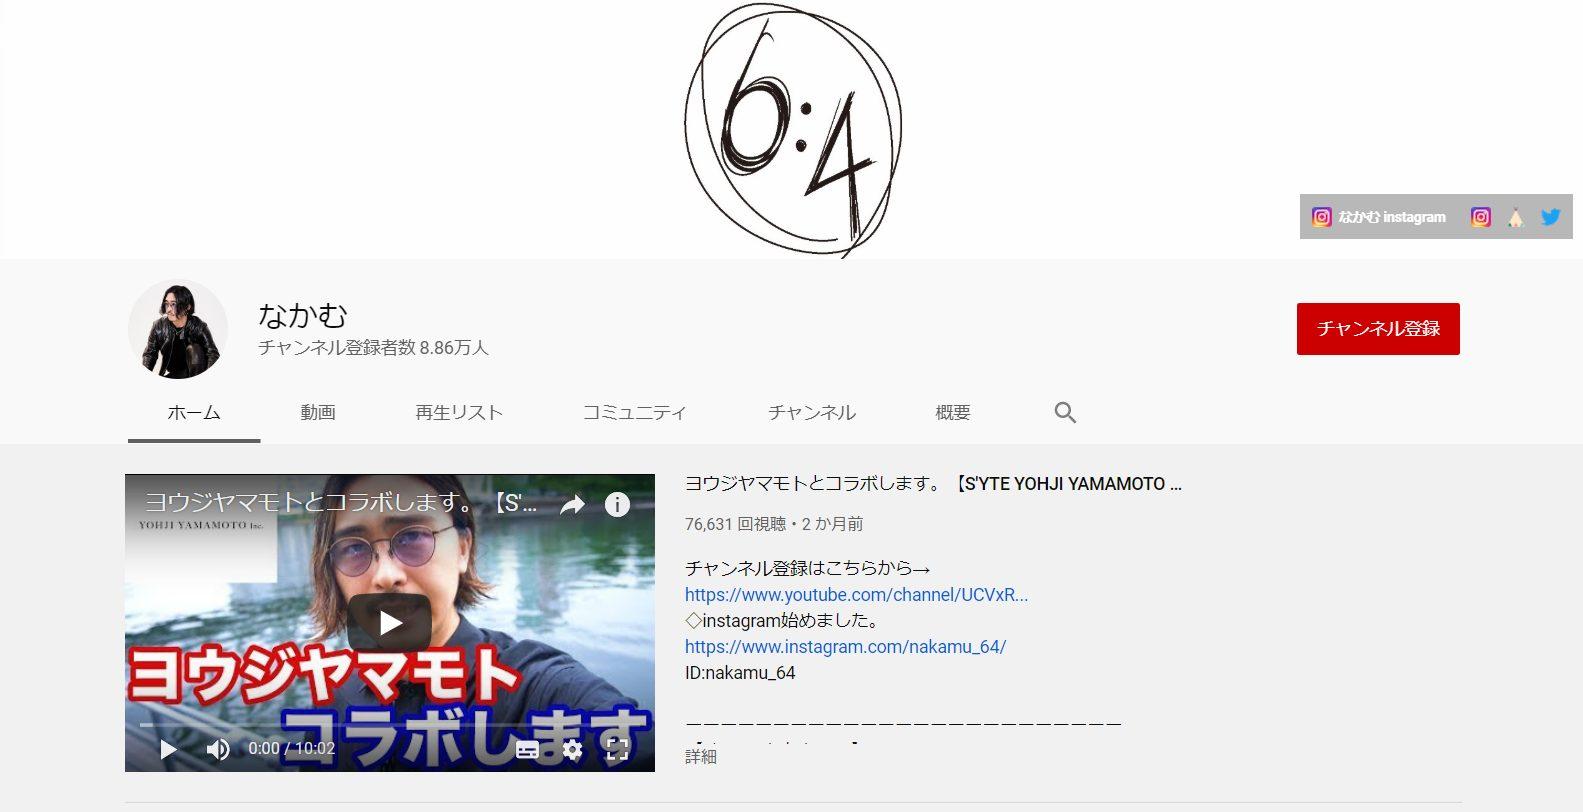 youtube-fashion-influencer-nakamu